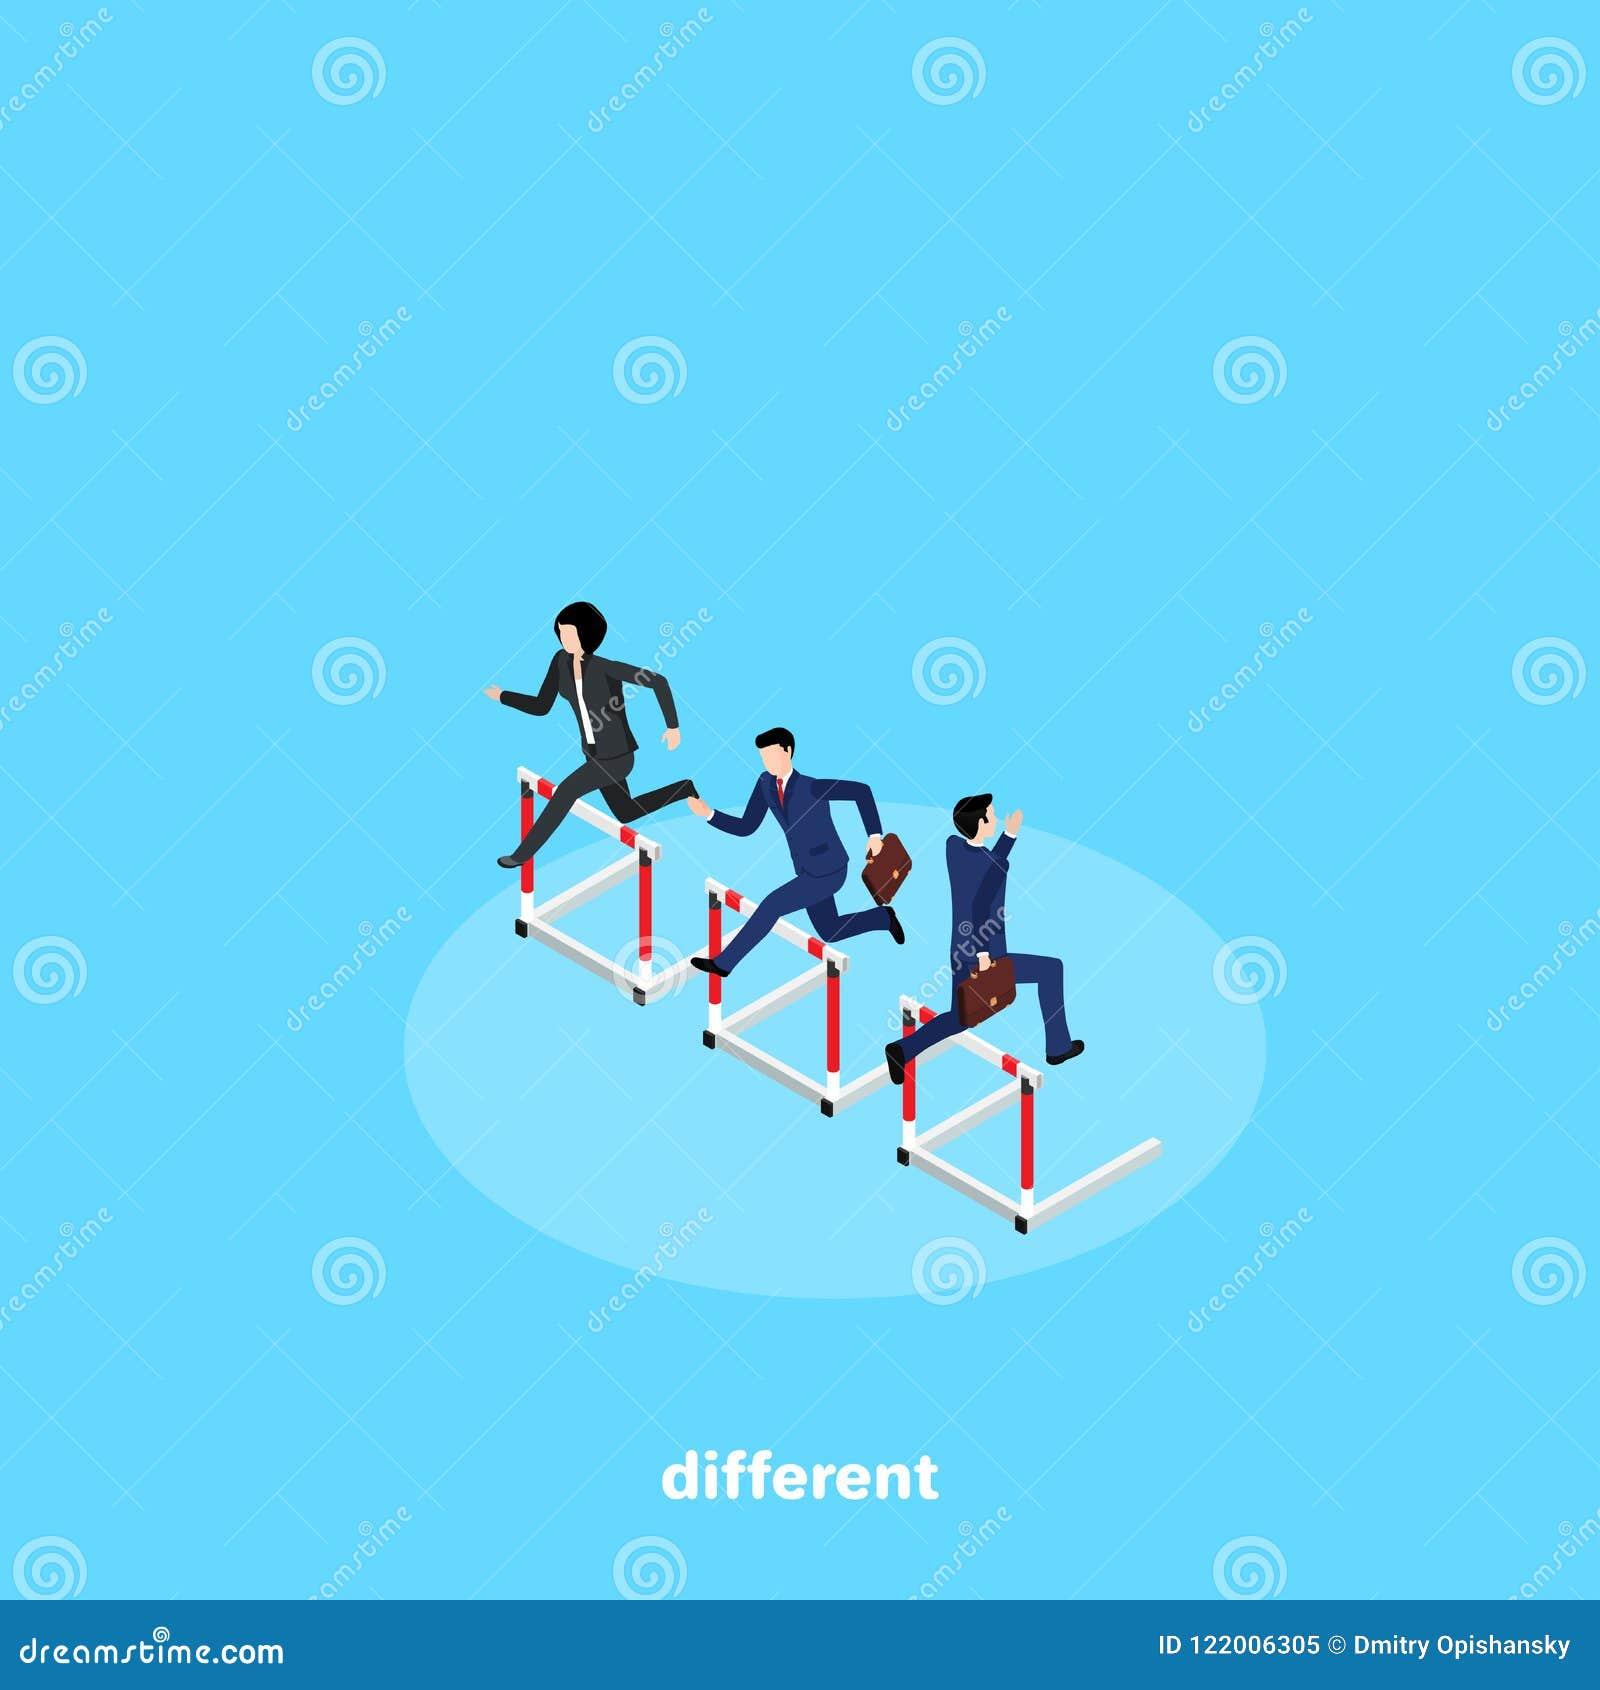 西装的人们在跑竞争与障碍,但是跑用不同的方向